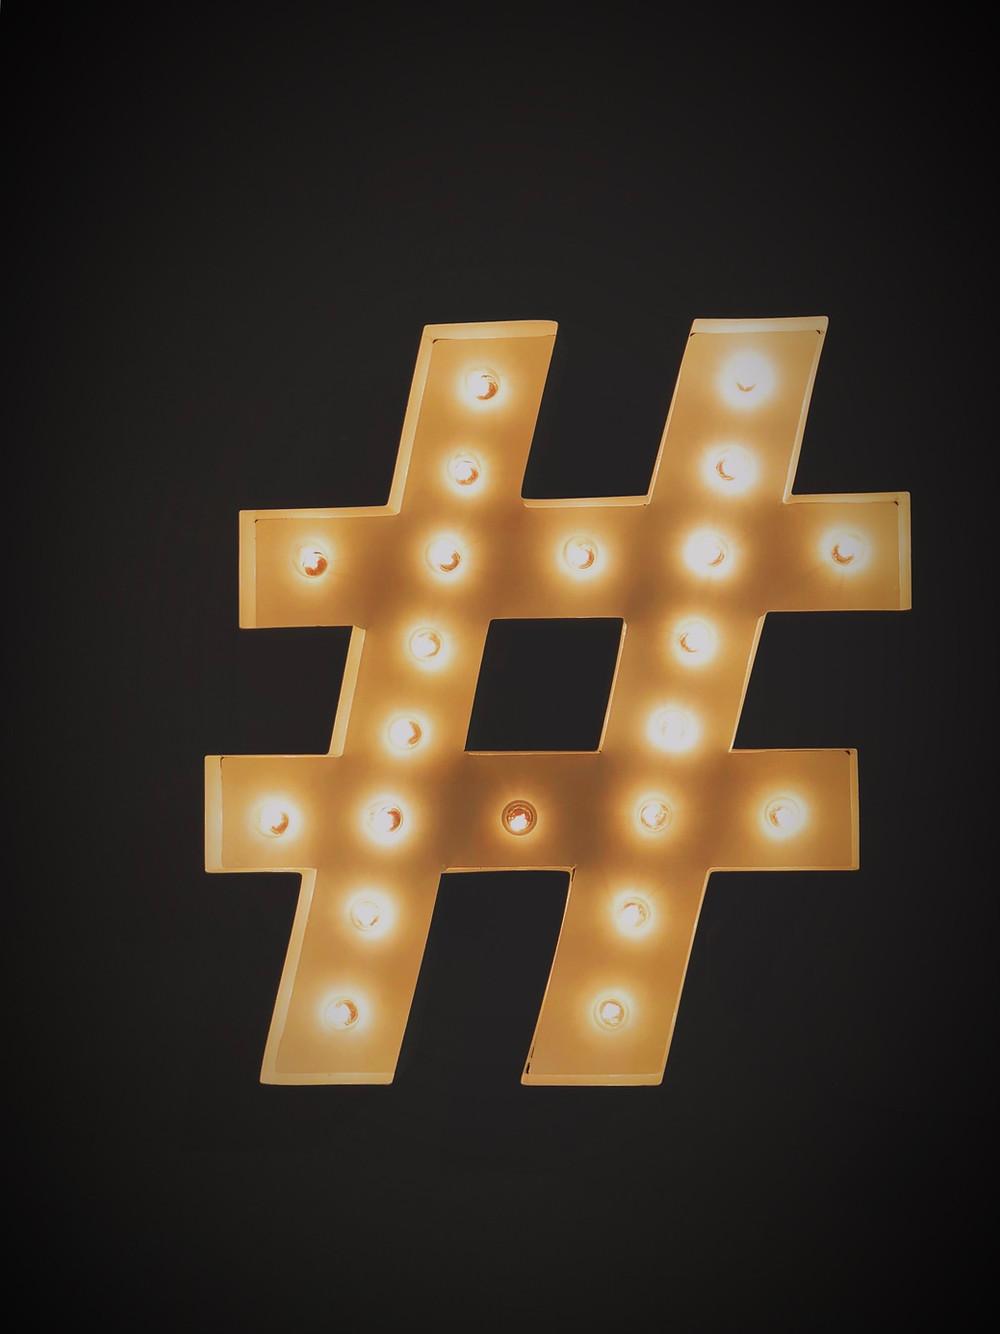 Hashtag in gold auf schwarzem Hintergrund